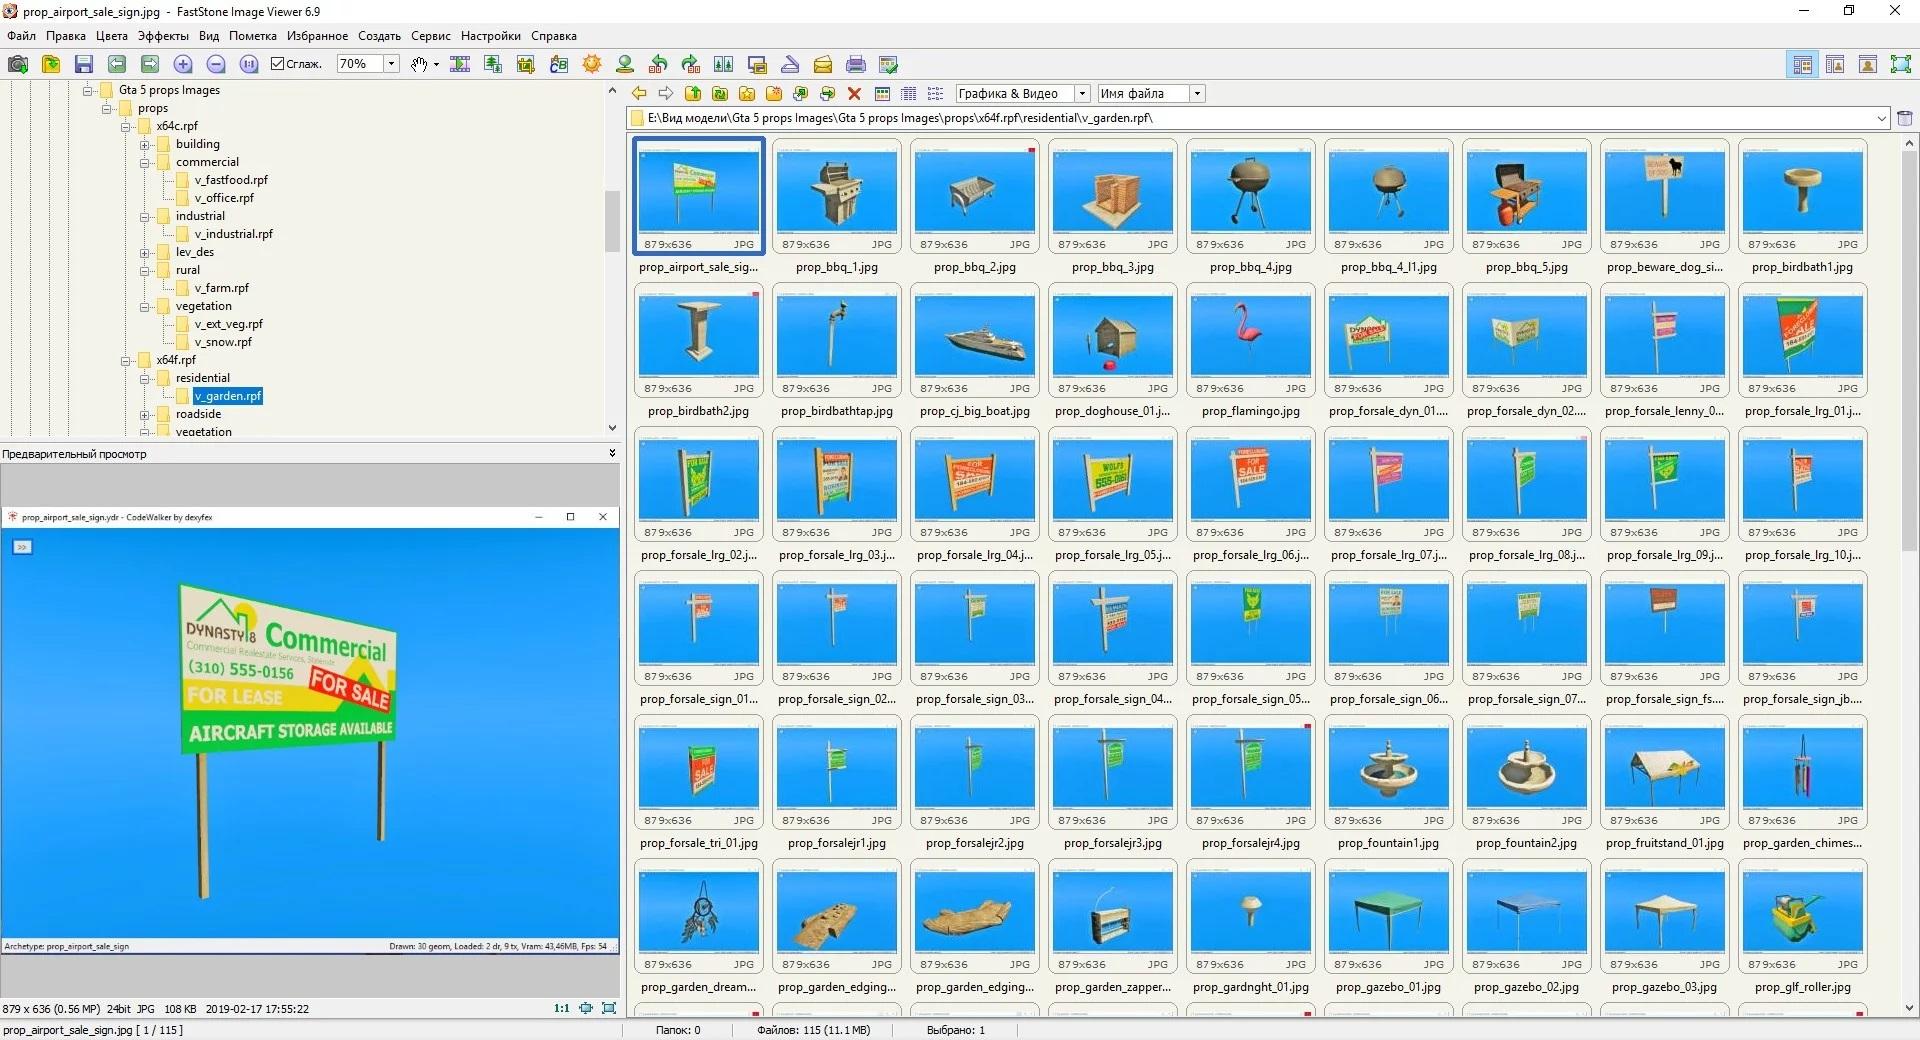 Gta 5 props Images 1.0